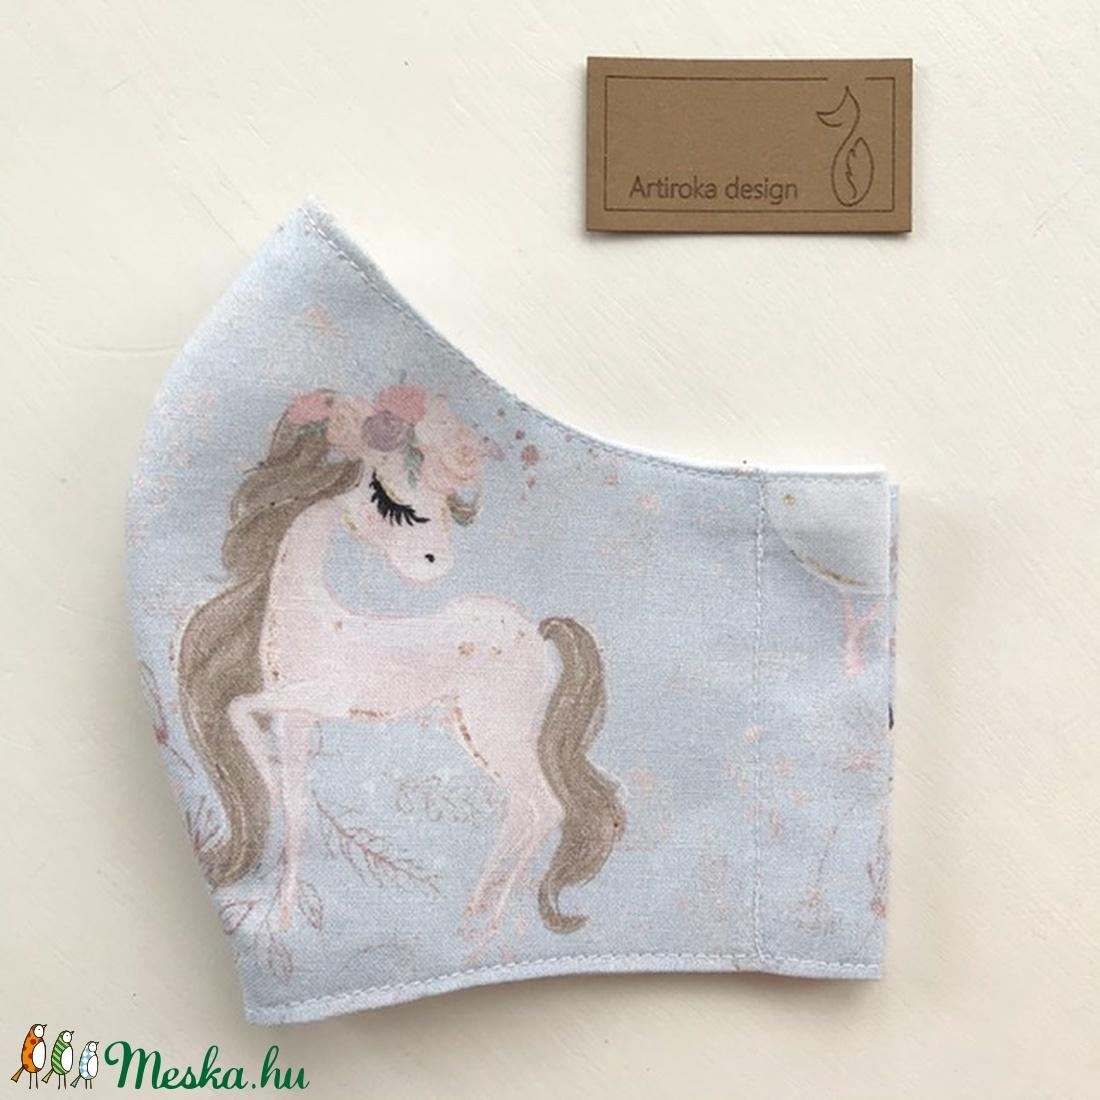 Unikornis mintás maszk, szájmaszk, arcmaszk, gyerek maszk prémium pamut textilből - Mesedoboz - Artiroka design - maszk, arcmaszk - gyerek - Meska.hu